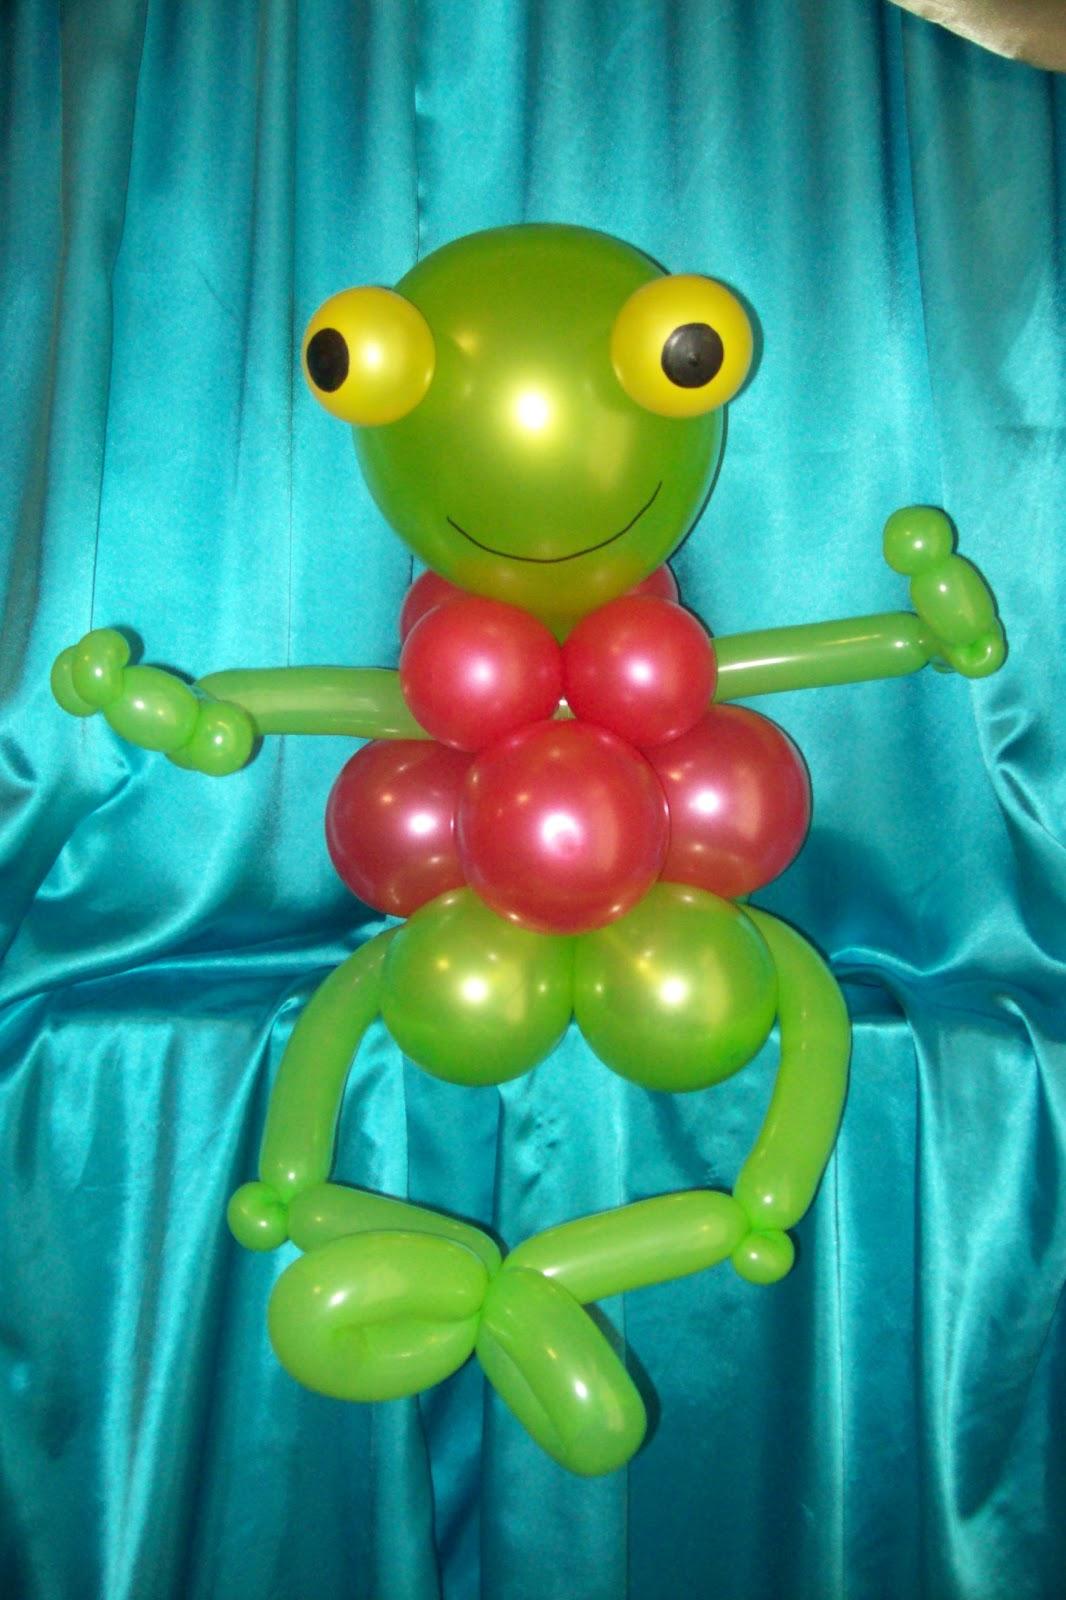 Decoracion con globos para fiestas infantiles de nino paso for Decoracion de globos para fiestas infantiles paso a paso